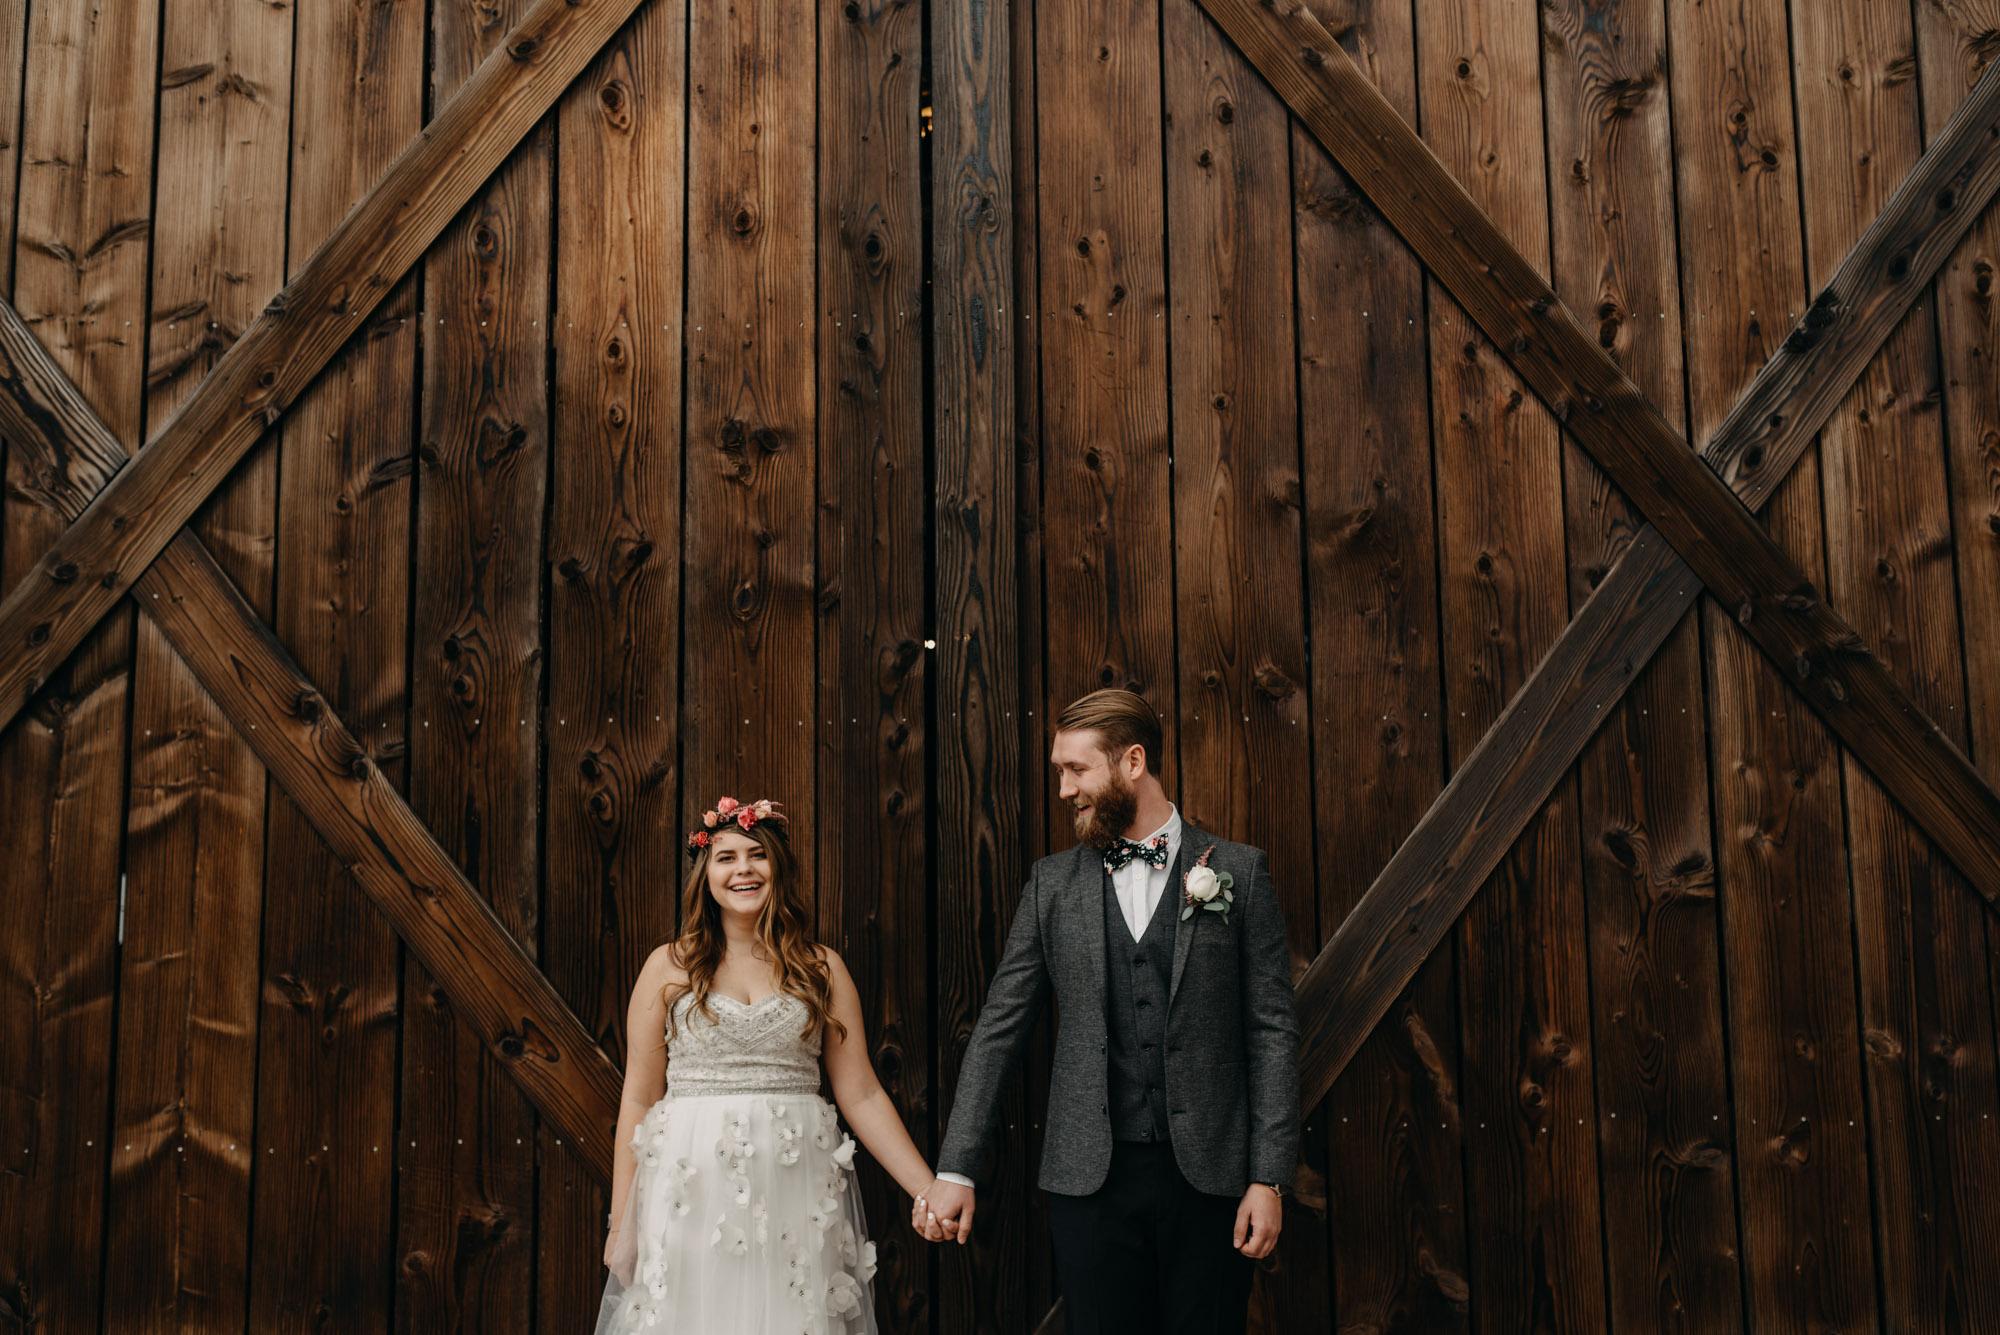 Outdoor-First-Look-Washington-Wedding-Barn-Door-8151.jpg